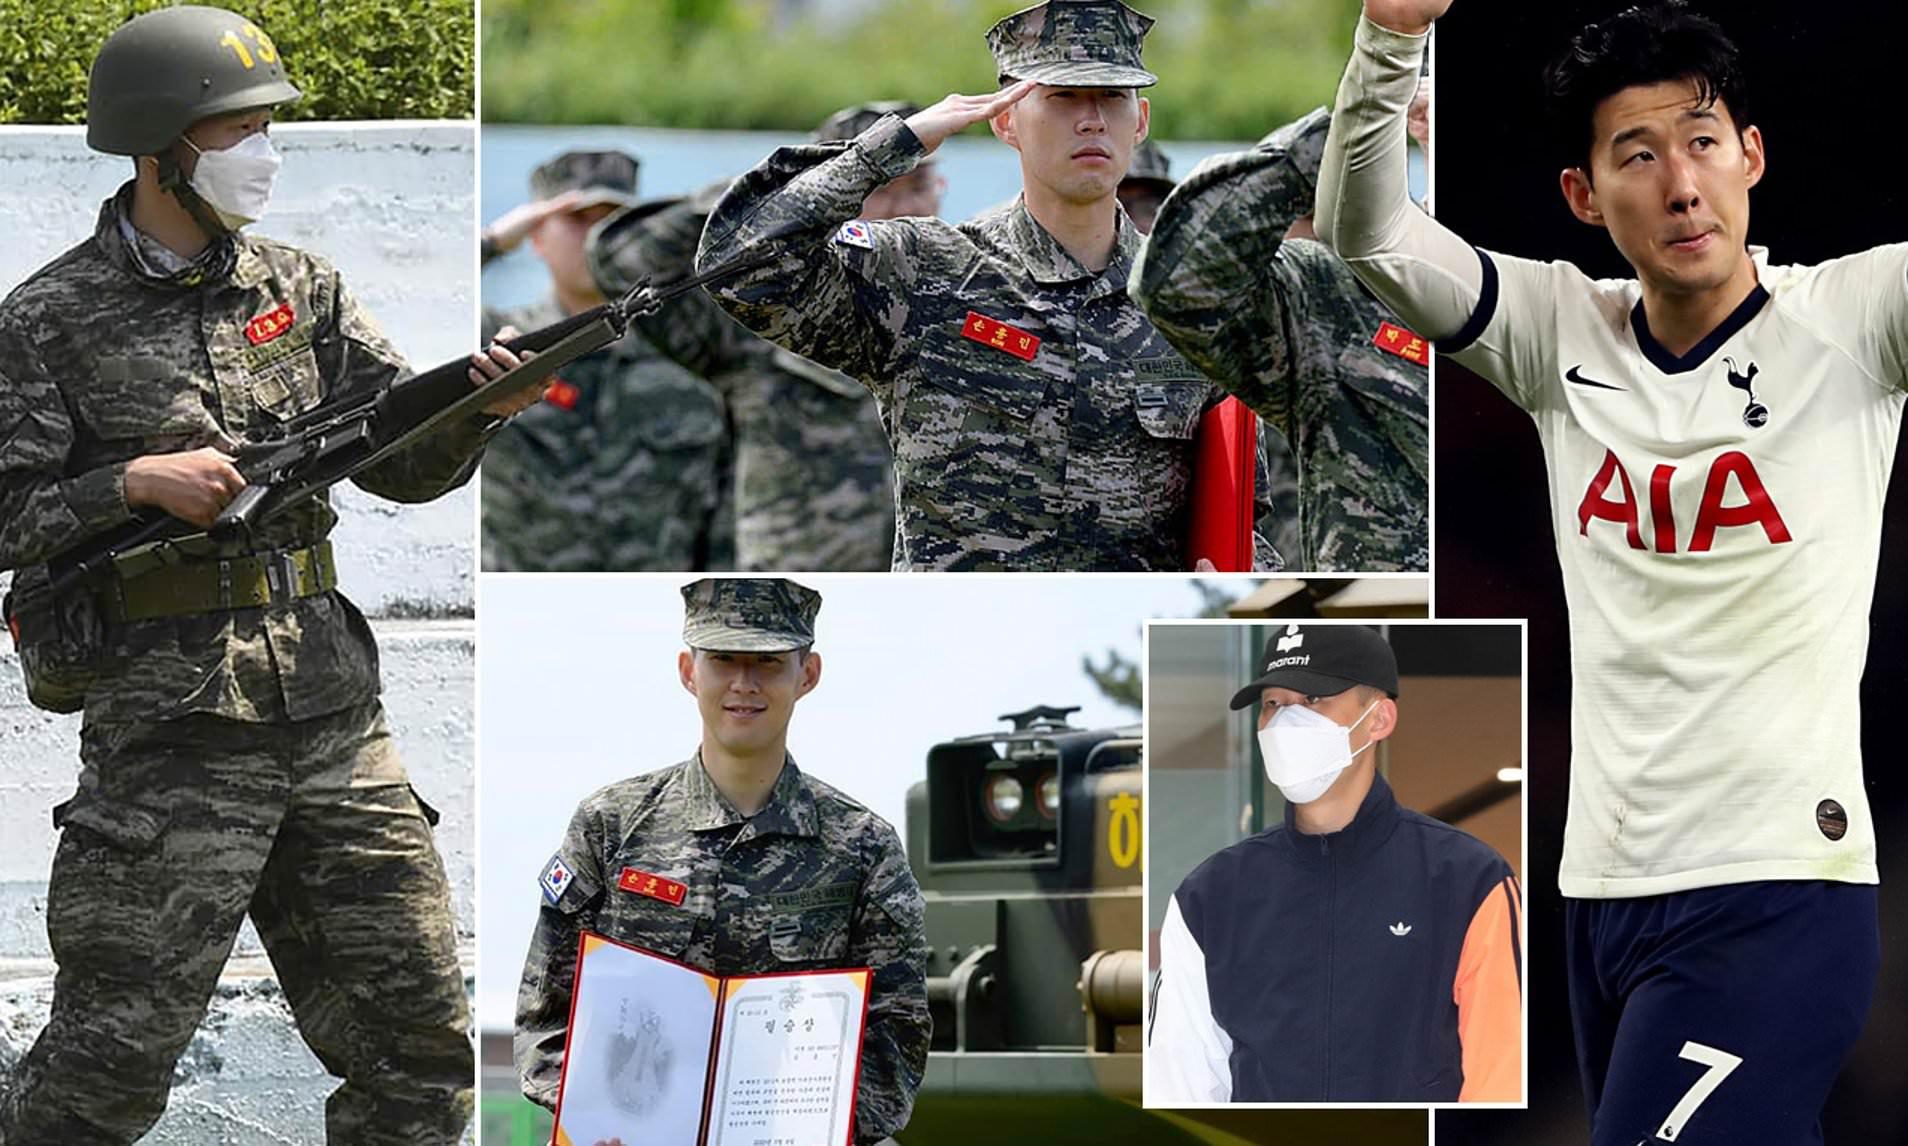 Tottenham Forward, Son finishes military training in South Korea lindaikejisblog